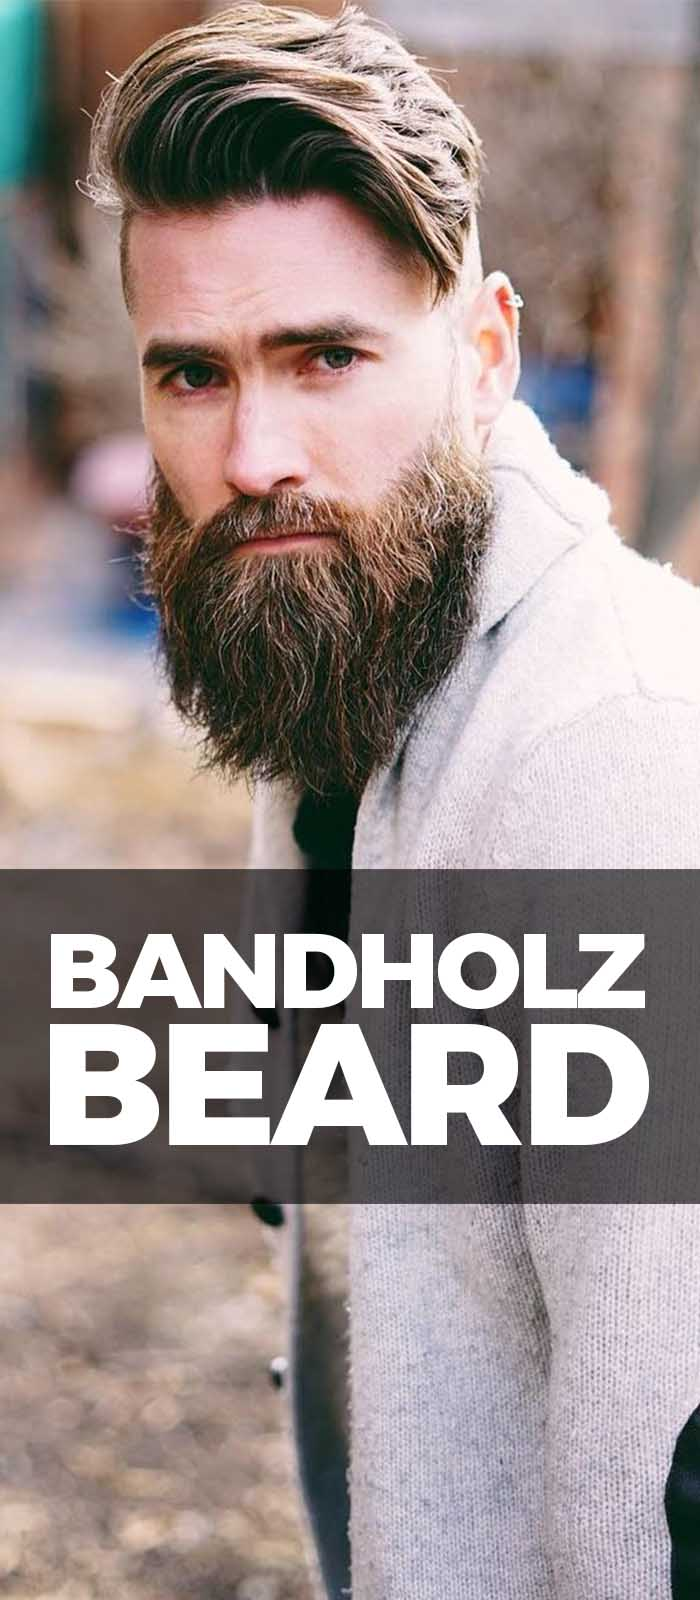 Bandholz Beard